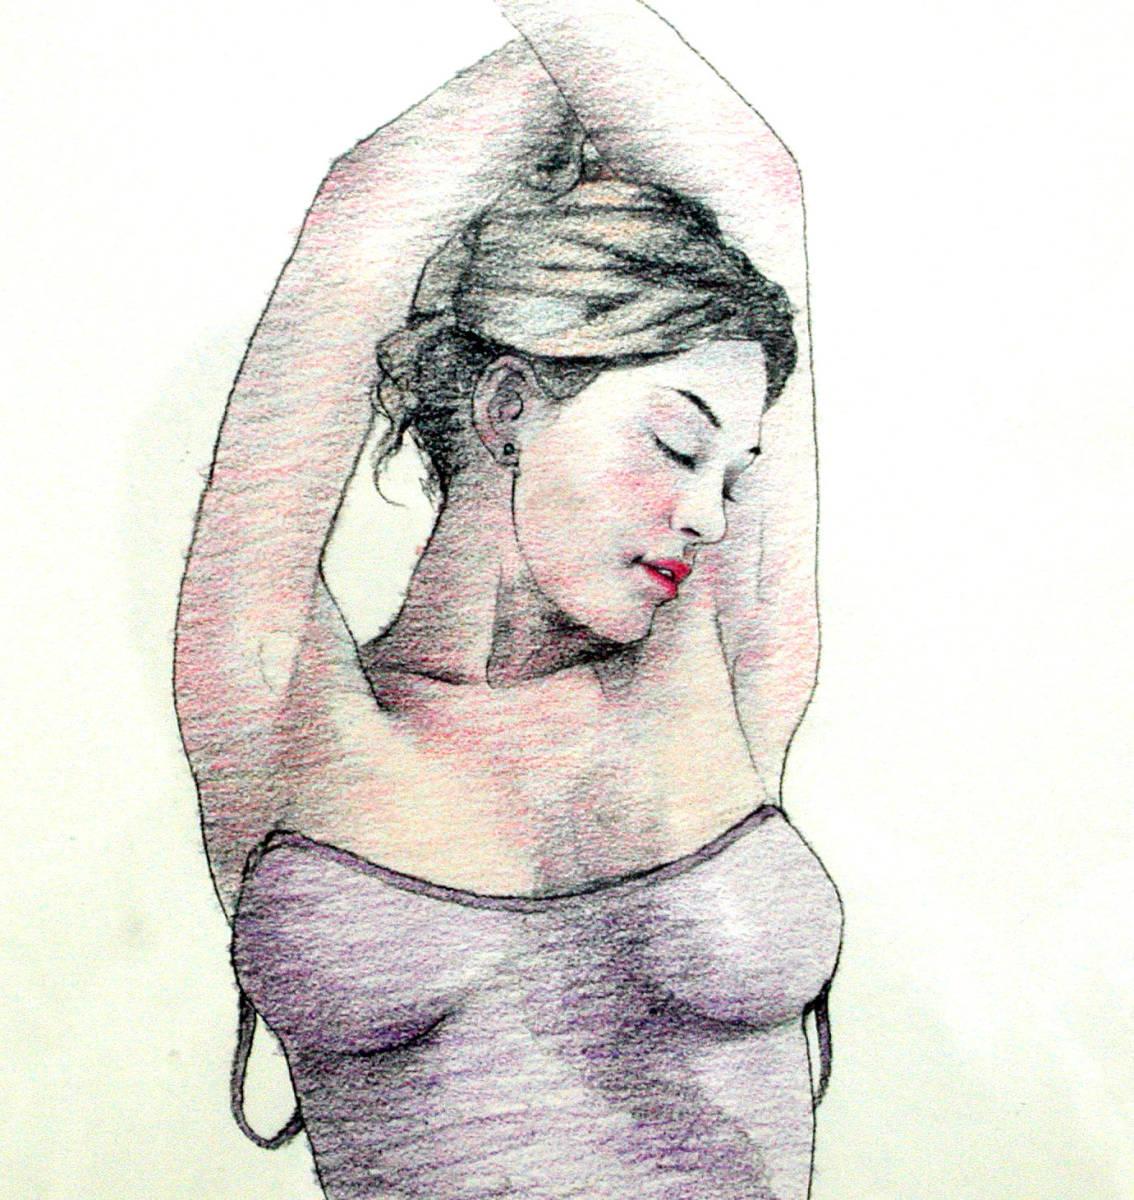 イラストレーター 松原健治 書籍表紙 原画 「F-Venus19」A3 額付き_画像3